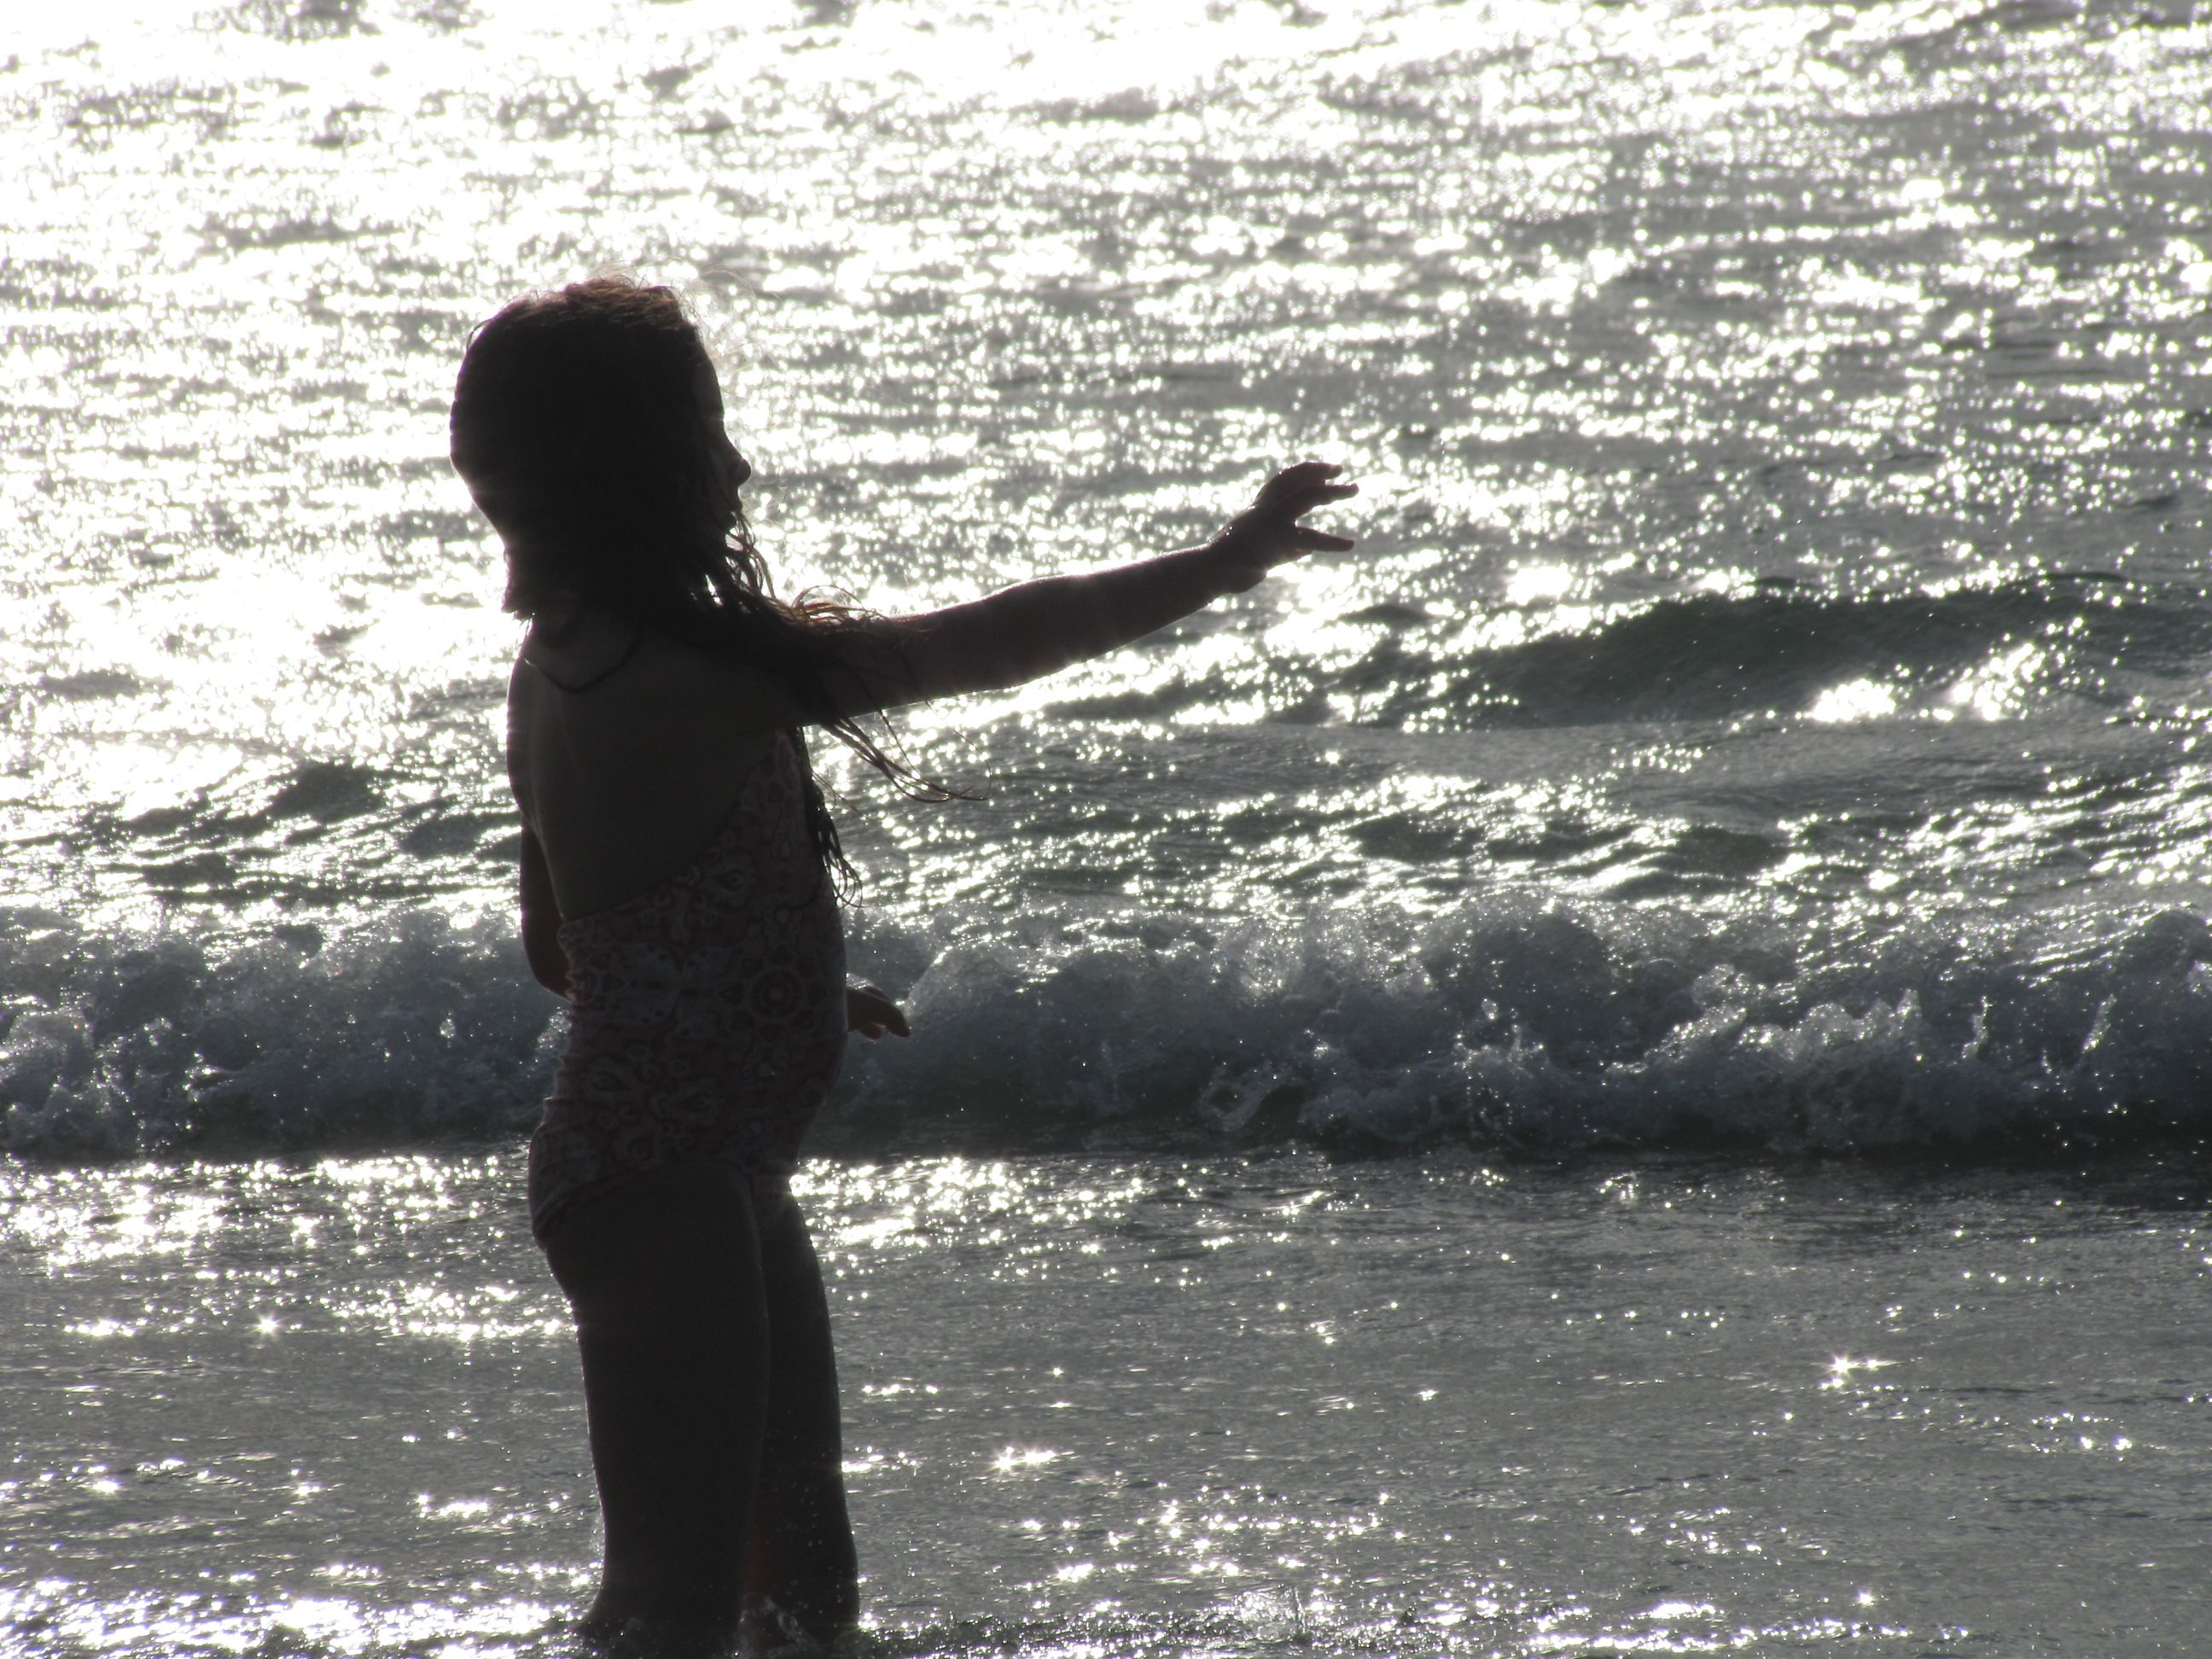 South Africa girl on beach